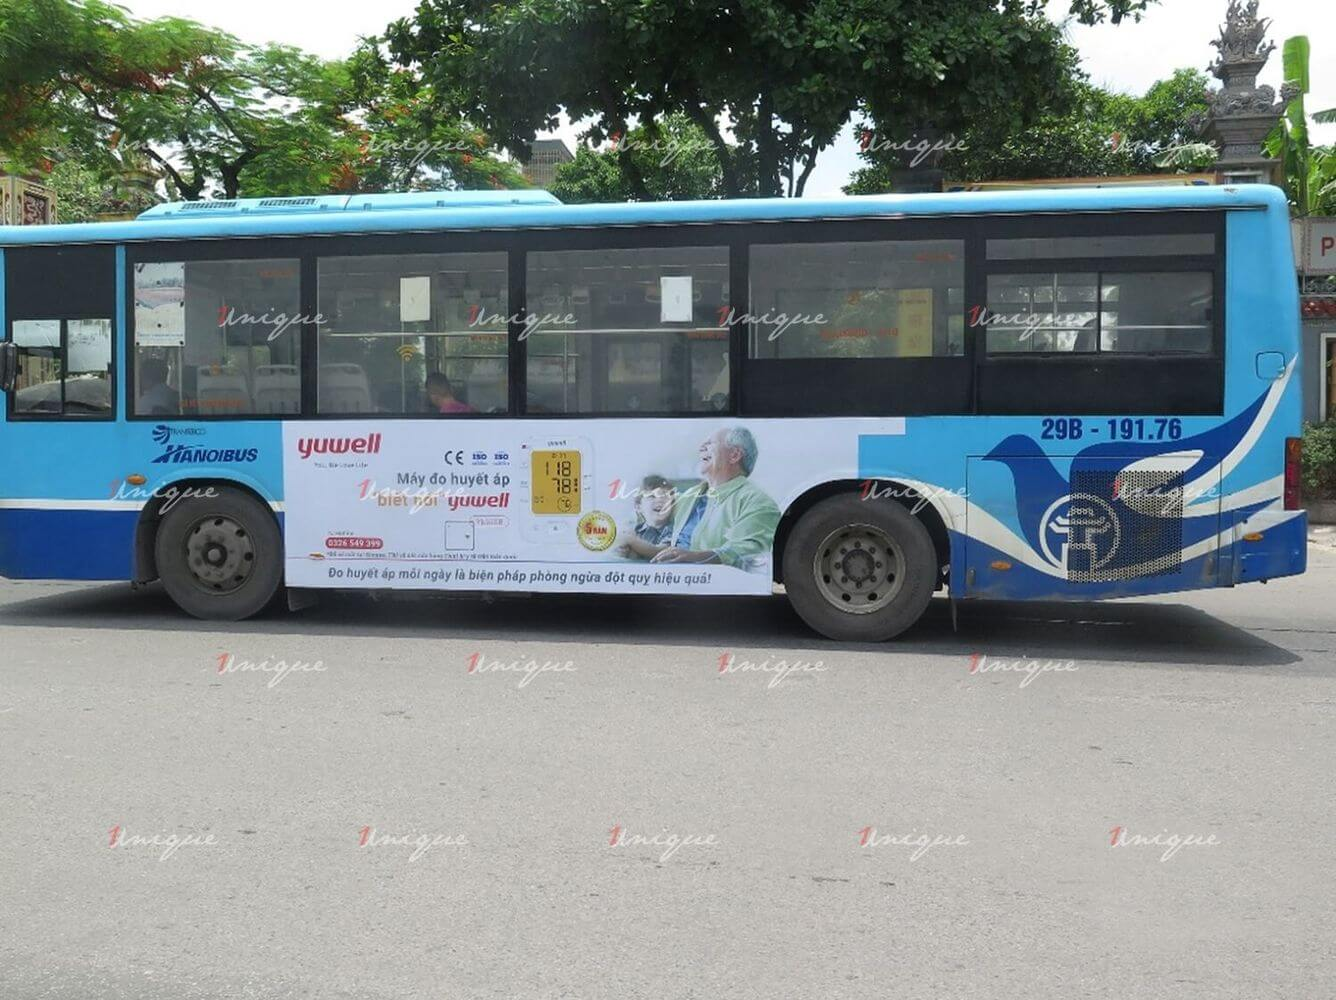 Yuwell quảng cáo trên xe buýt tại Hà Nội